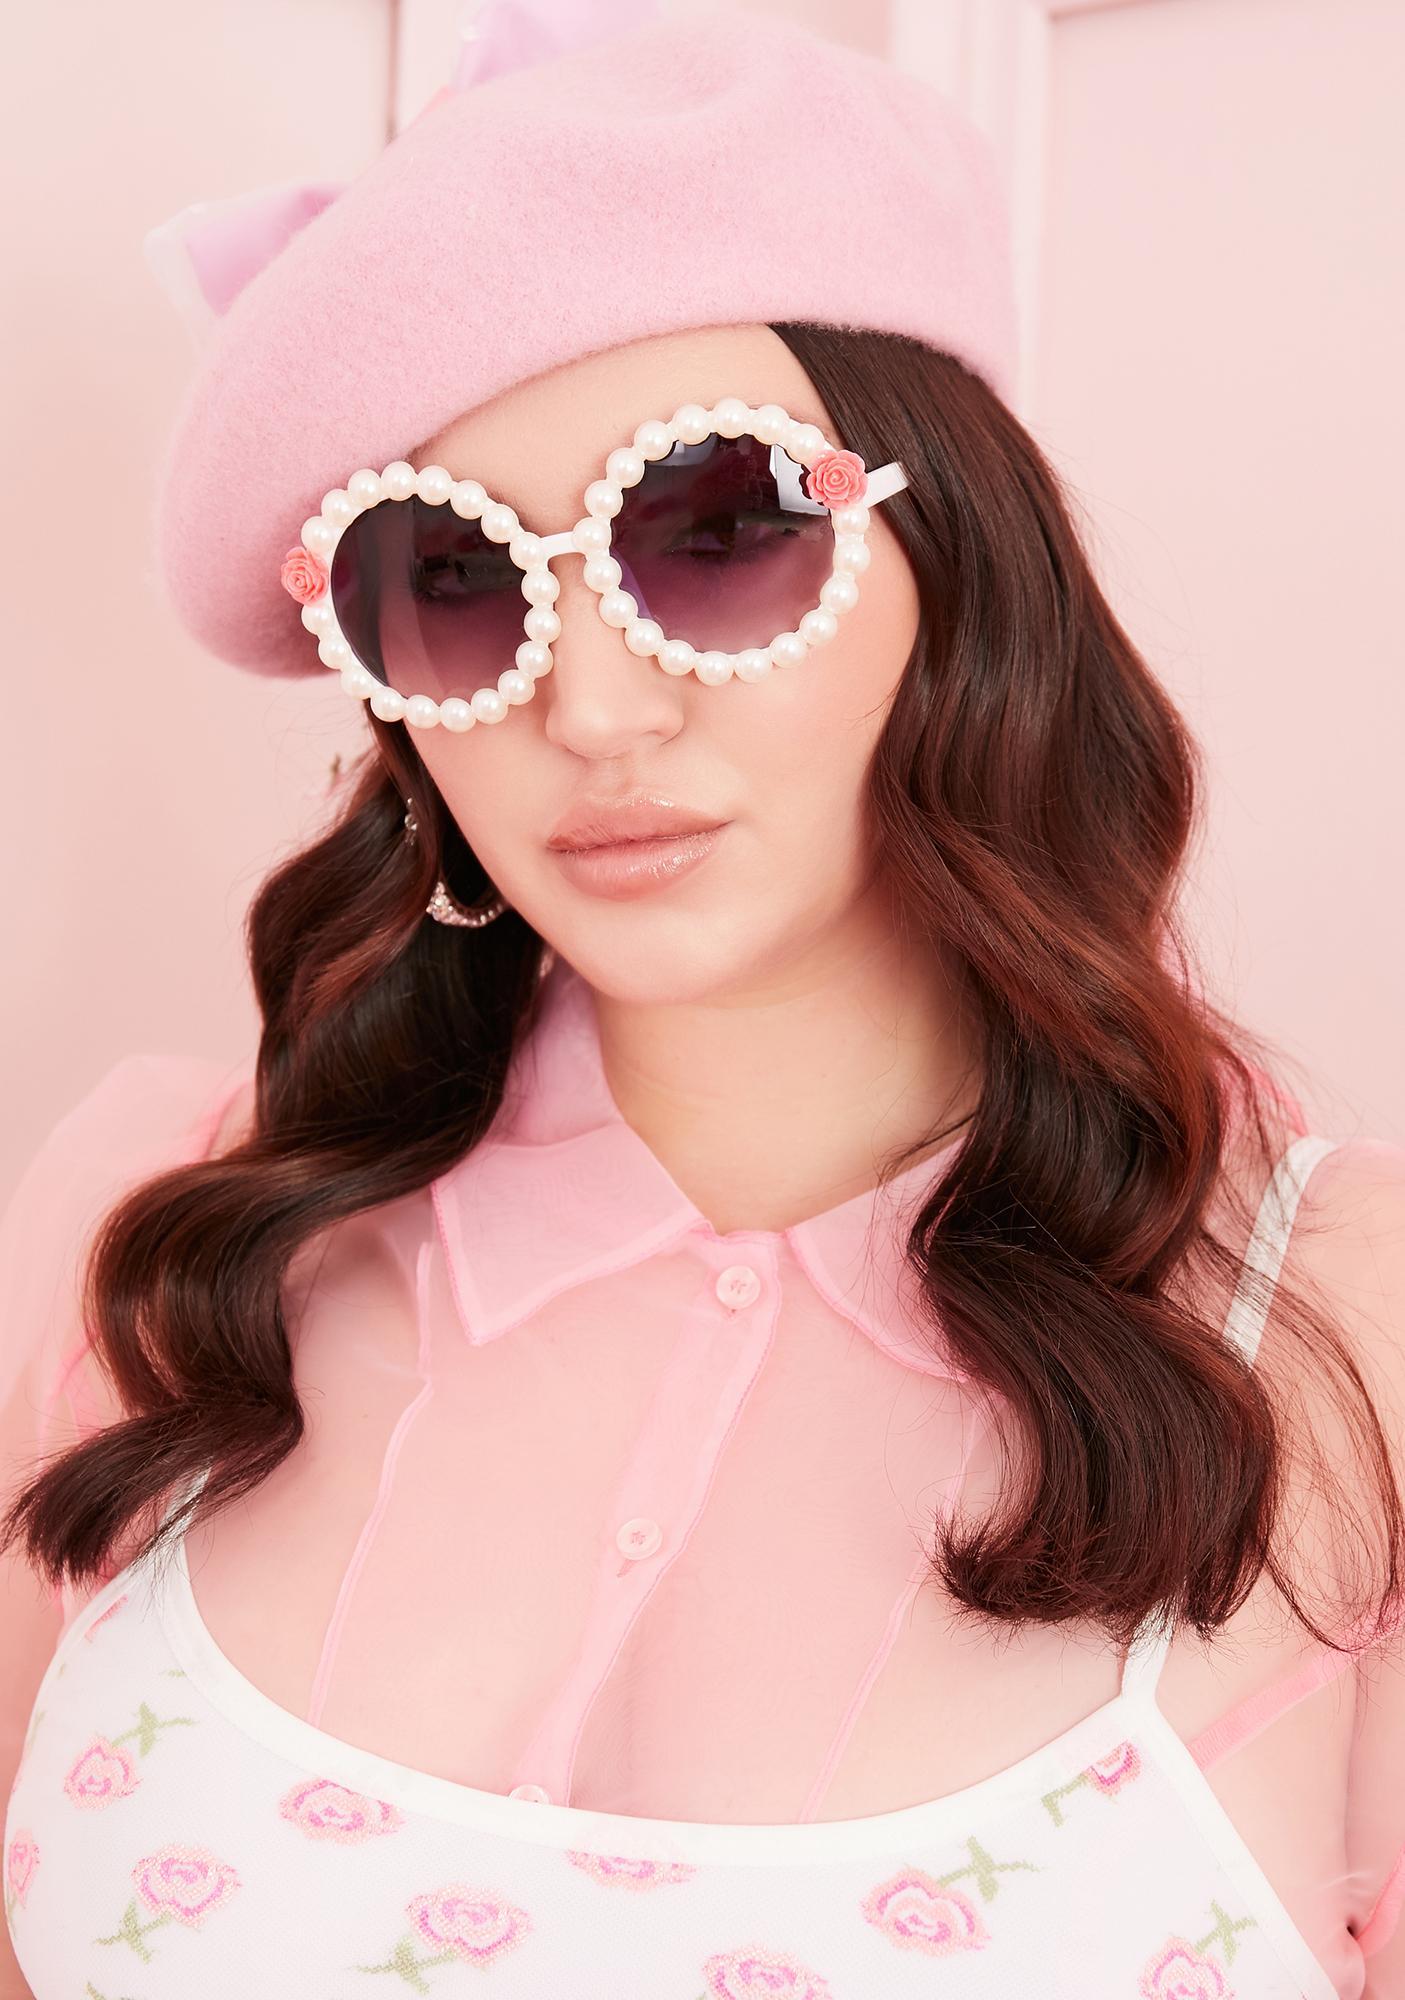 Untold Riches Round Sunglasses